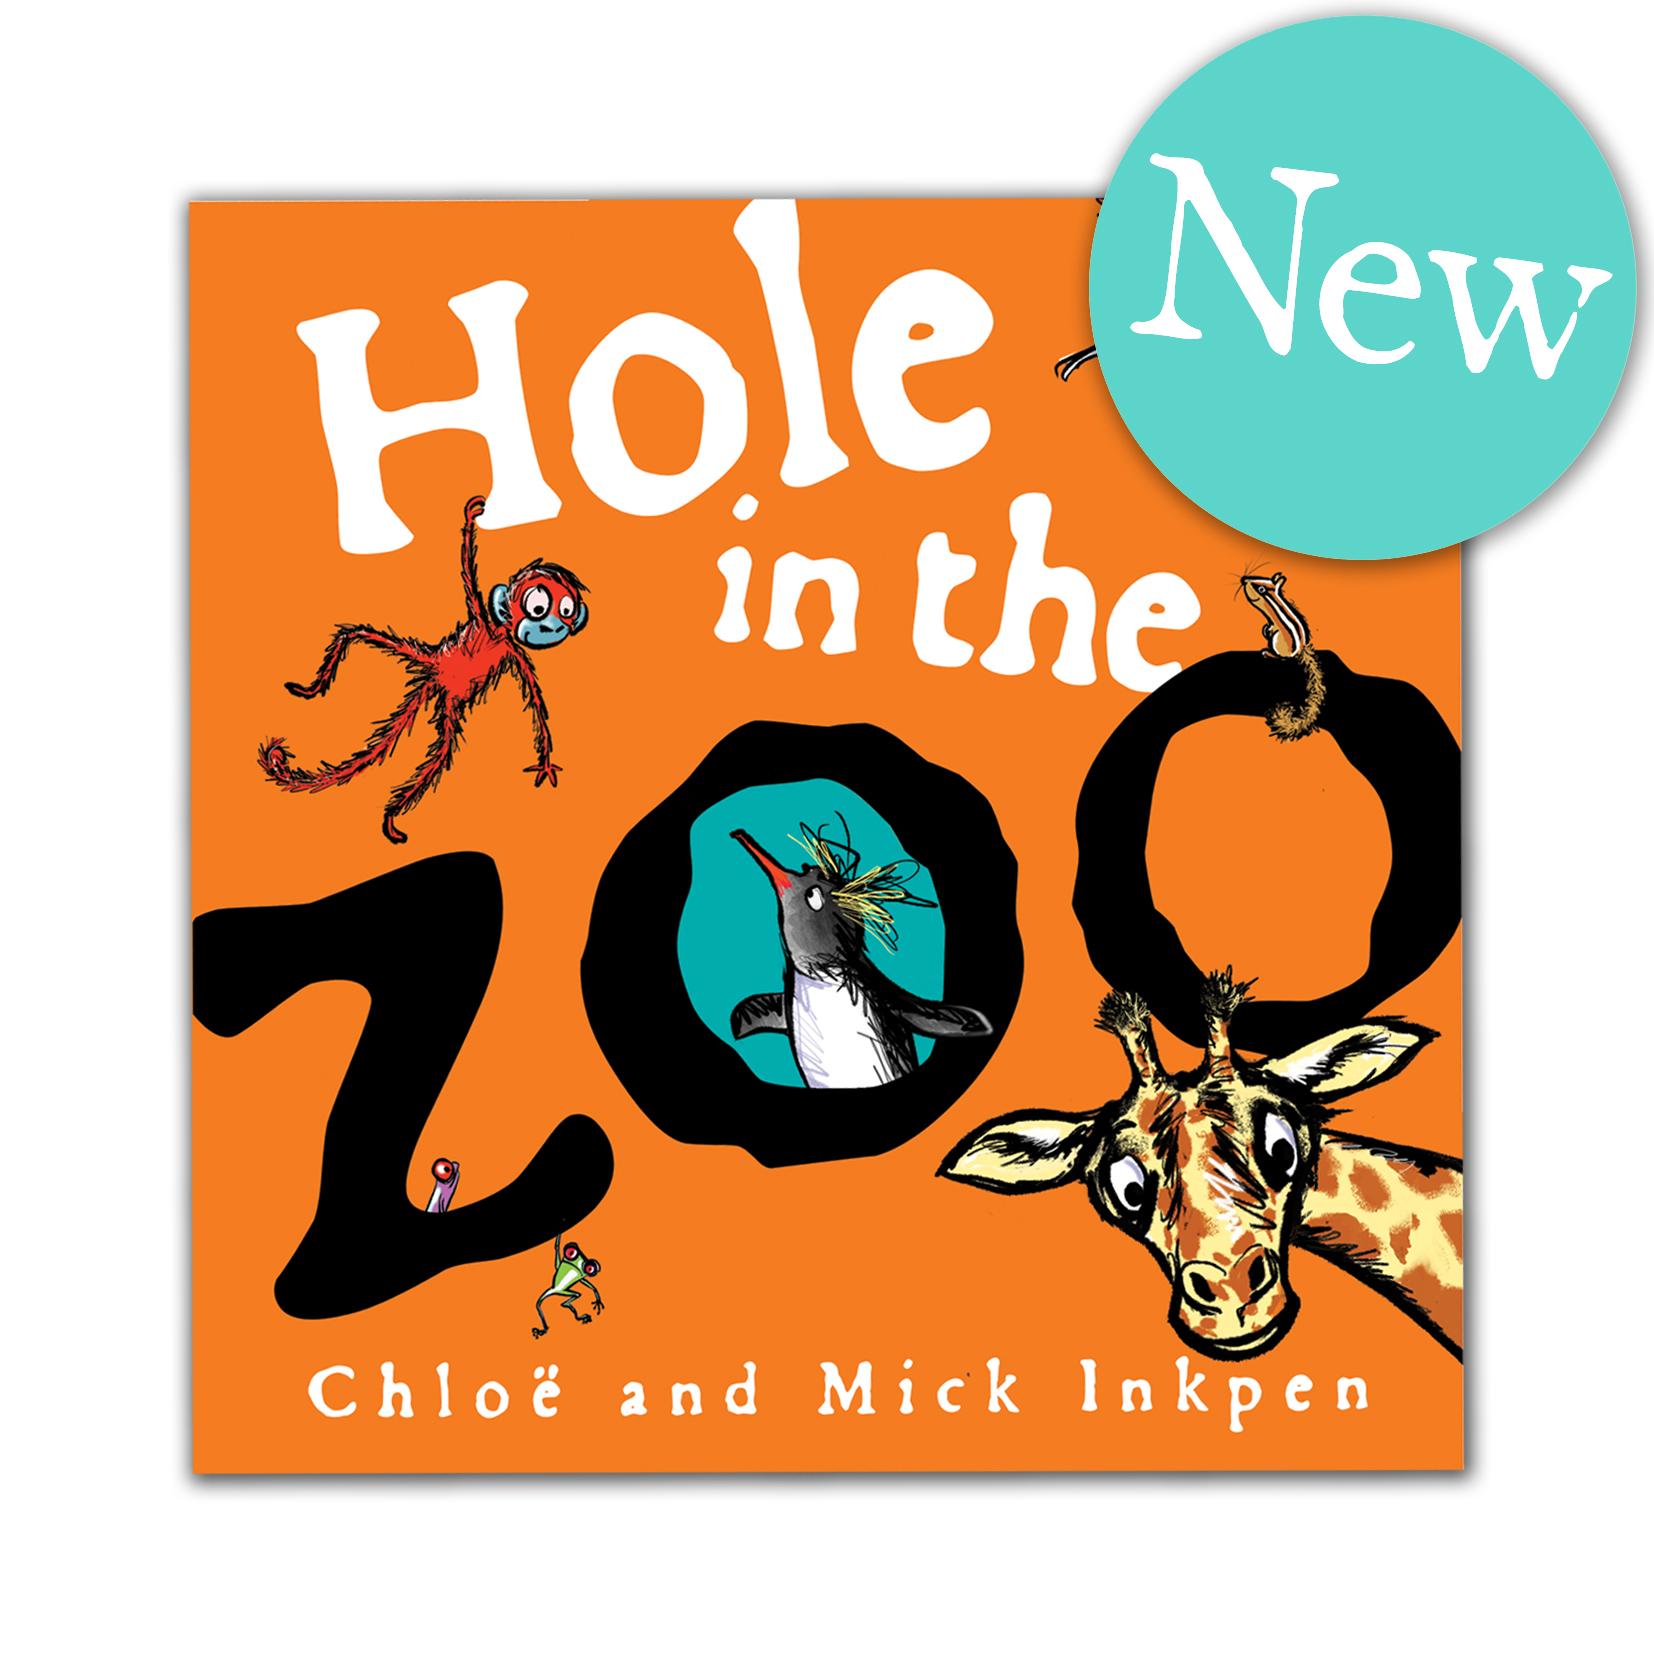 Zoo New straight.jpg